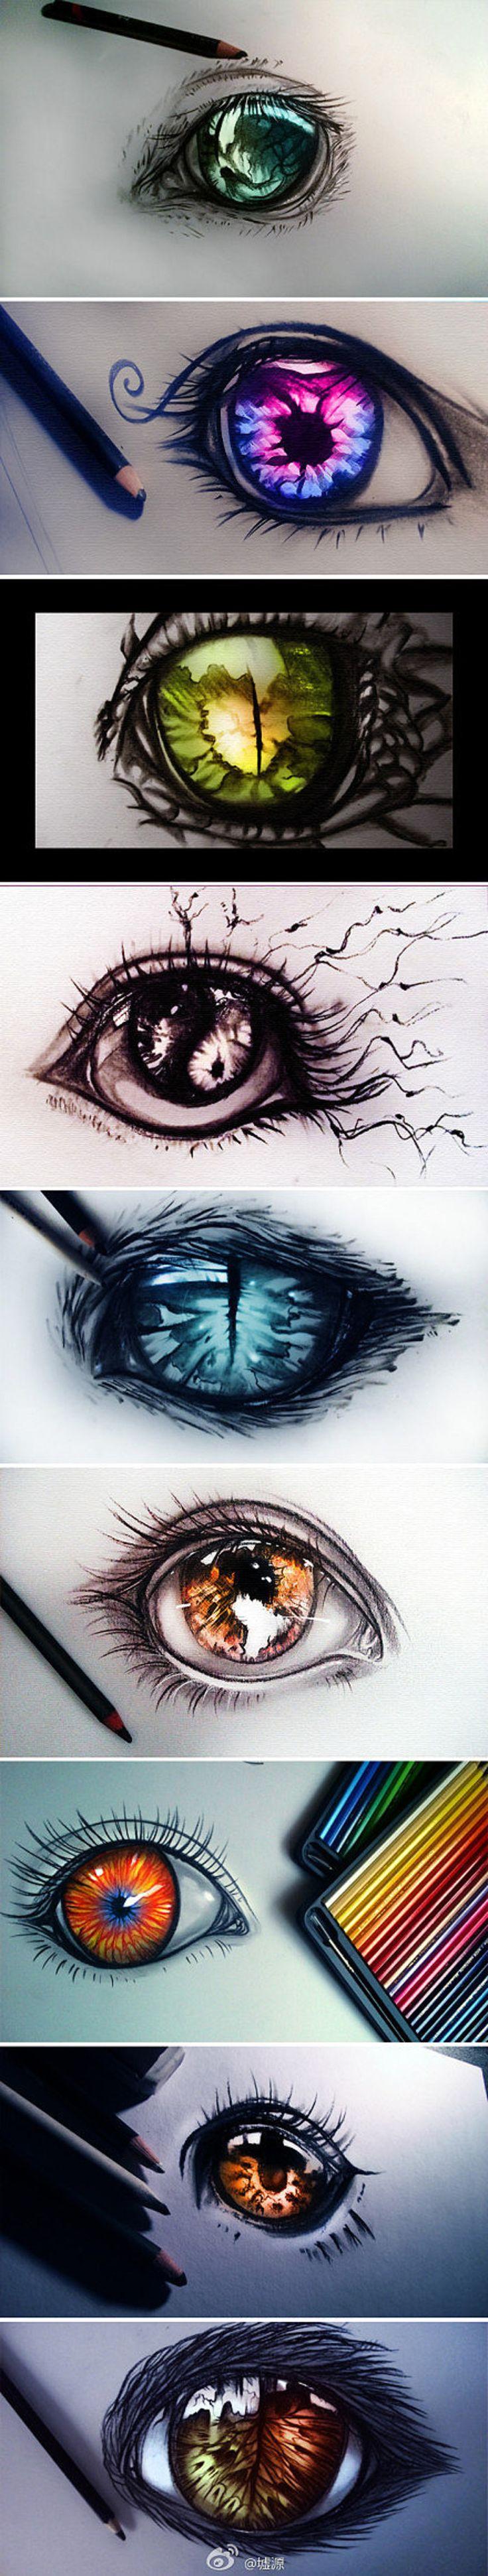 【绘画素材】超漂亮的眼睛,作者一定是画眼睛的高手,总之是触爆了,小图就很高能,(つω`)~和墟源完全不是一个等级的战斗力啊。 插画手绘 手稿 素描 铅笔画…